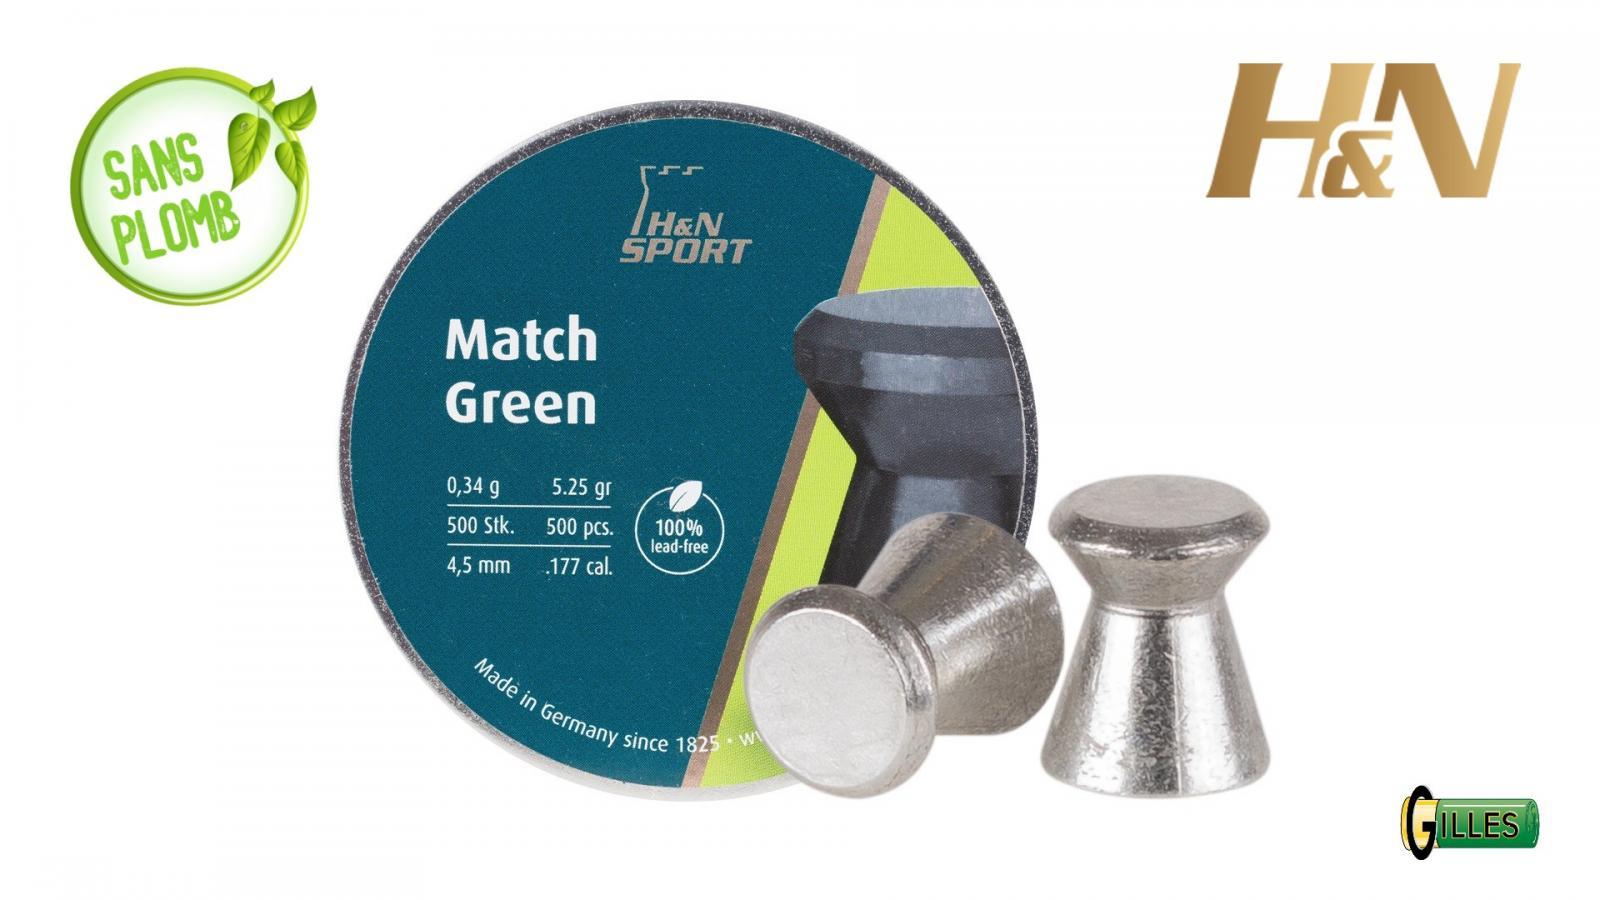 Boite de 500 plombs 4.5 H&N Match Green SANS PLOMB